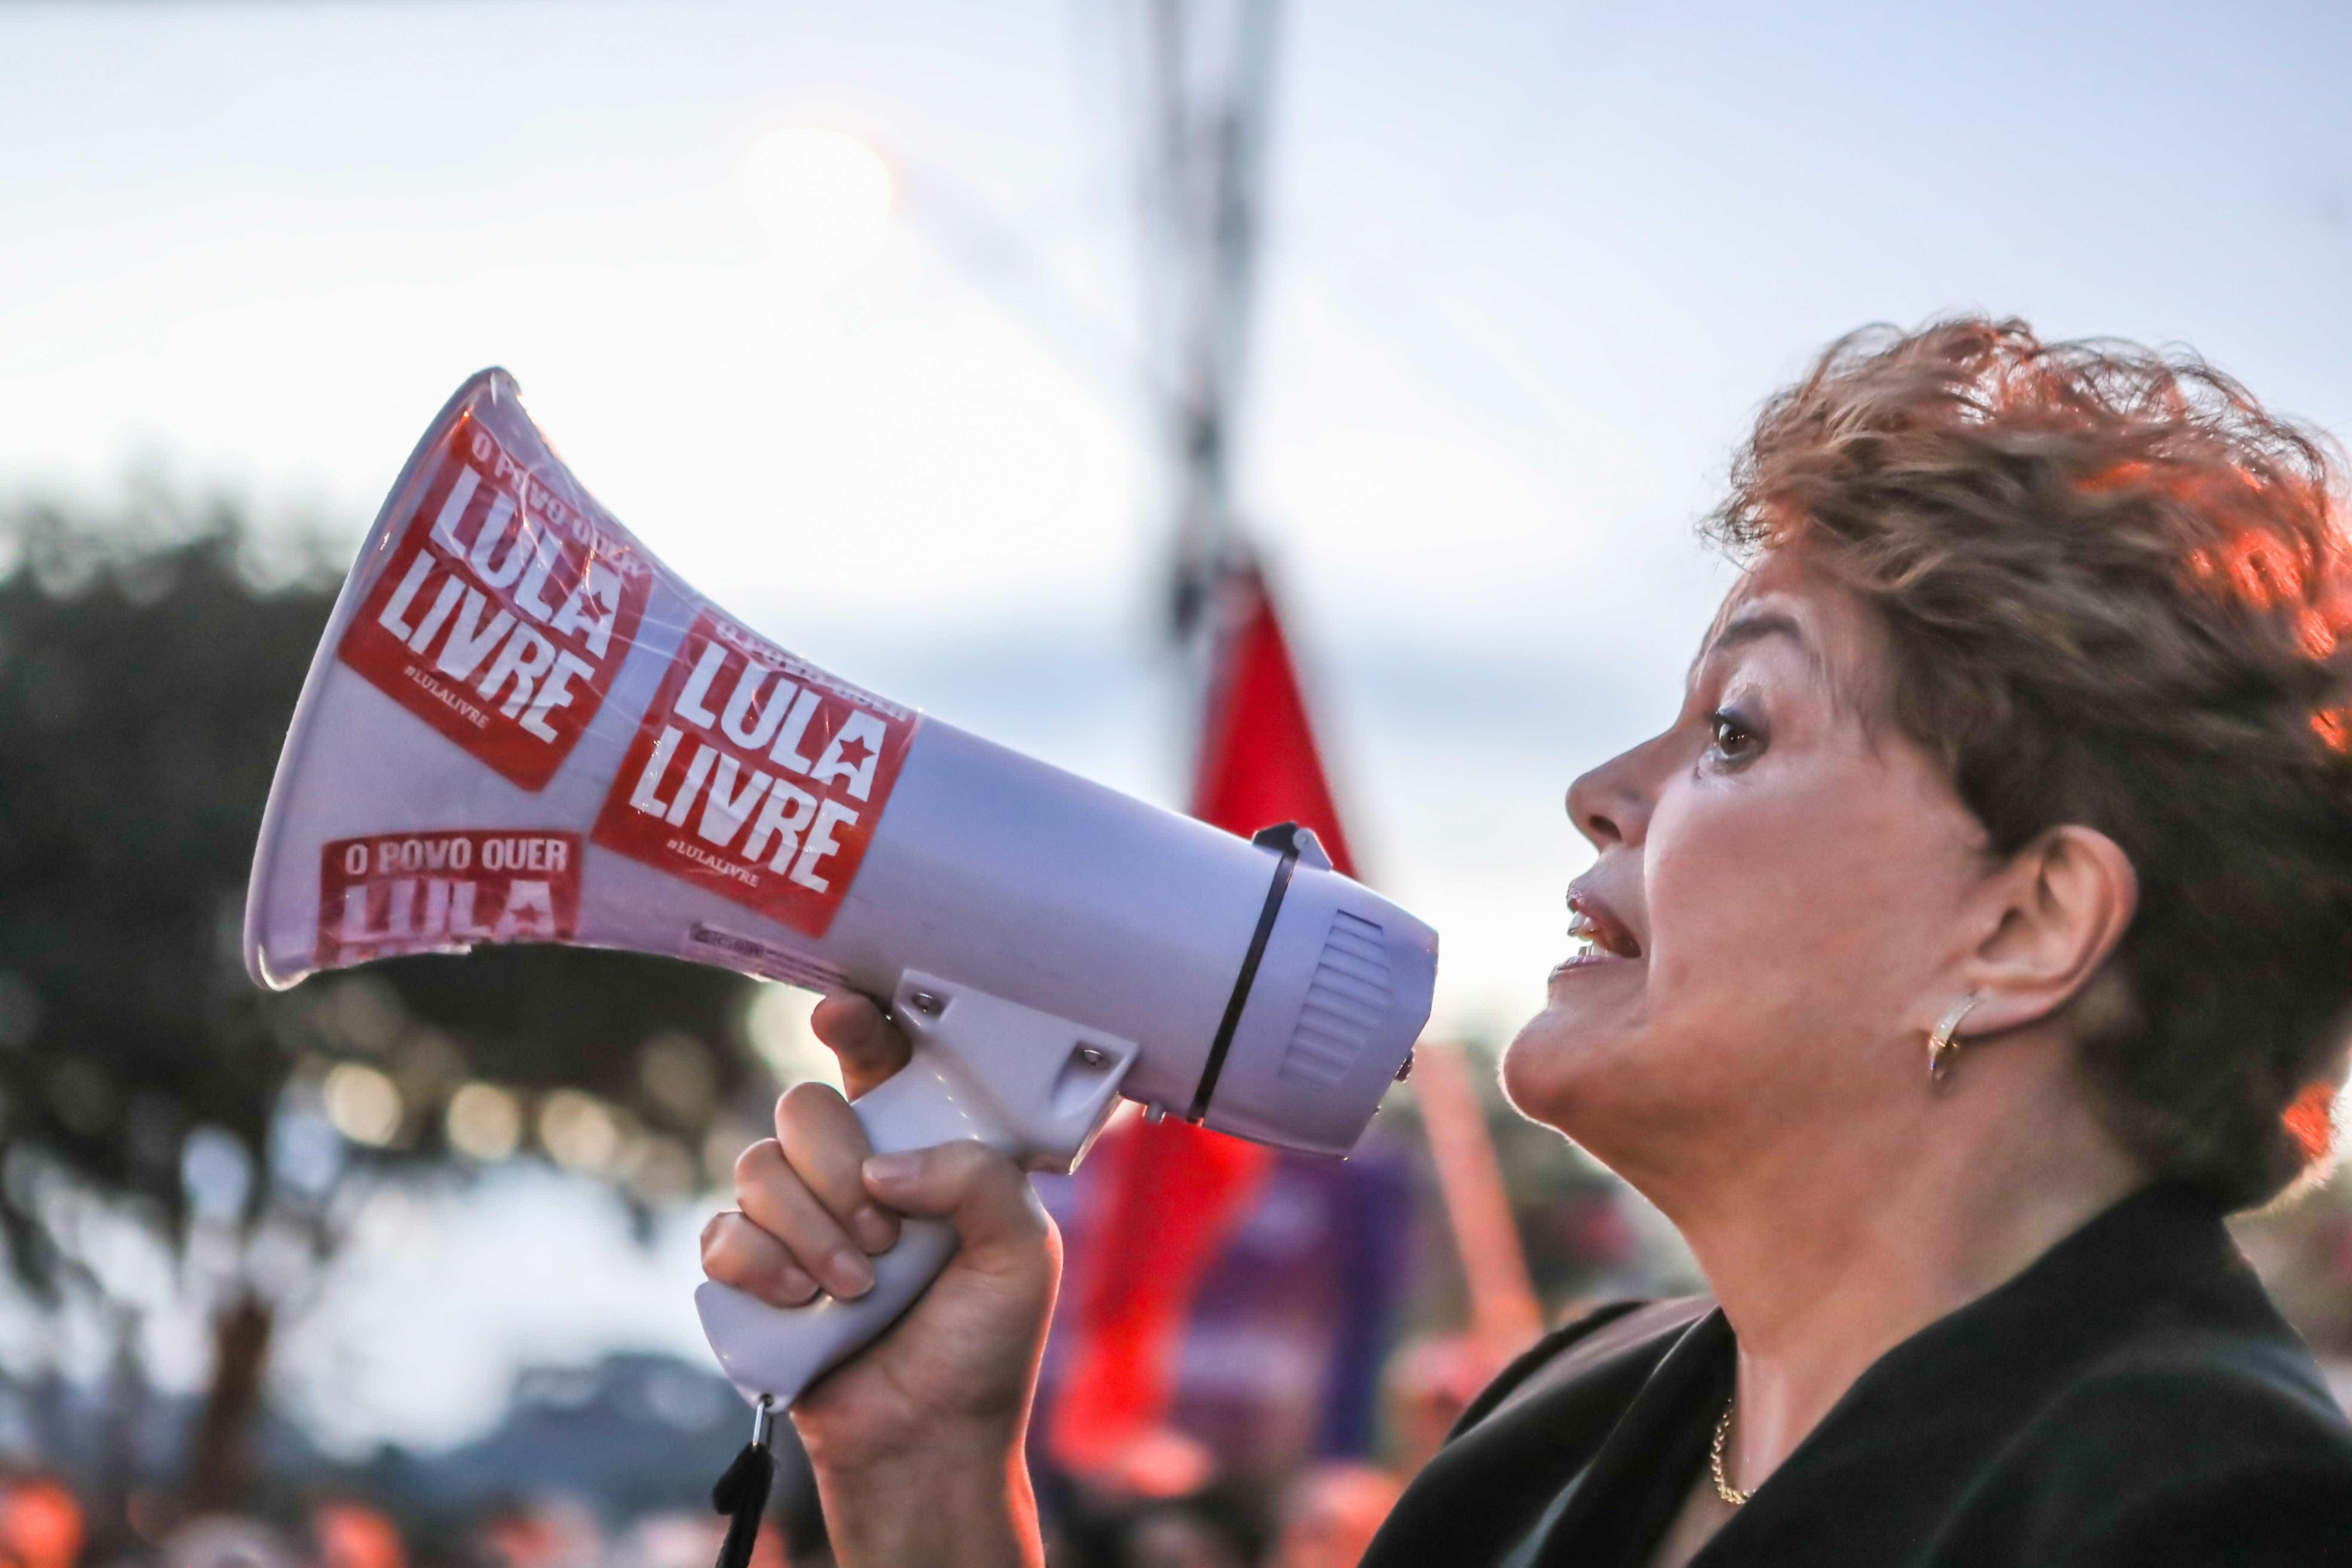 Candidatura de Dilma é contestada no TRE de Minas Gerais